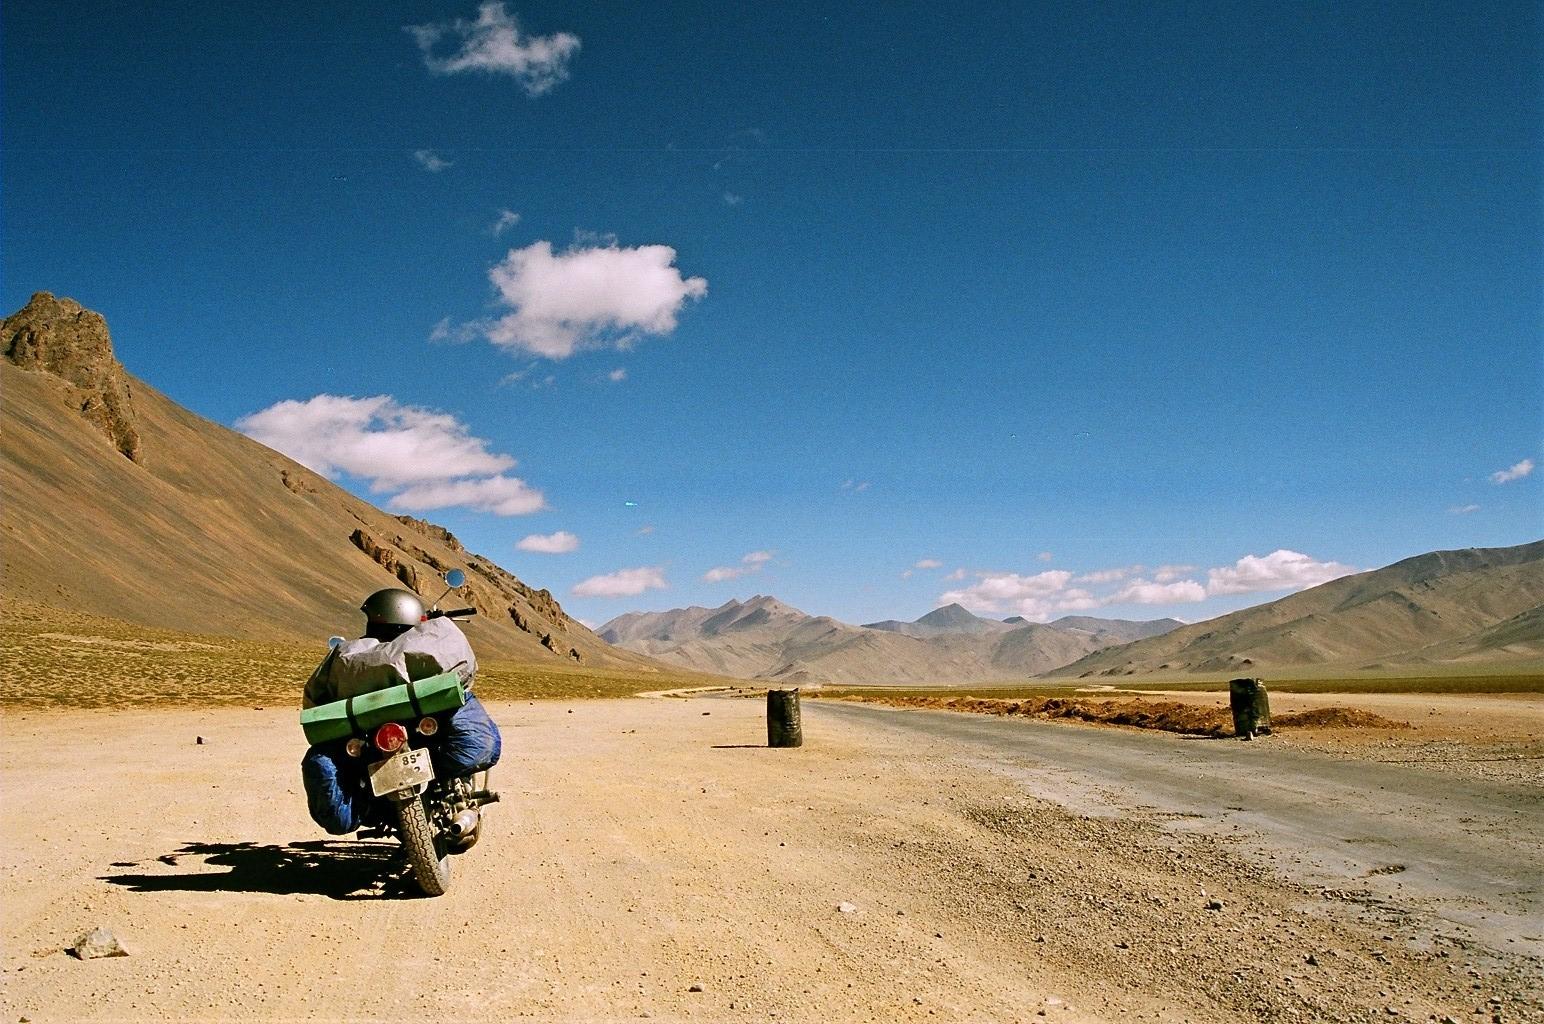 Enjoy bike rides on the tricky roads of Ladakh